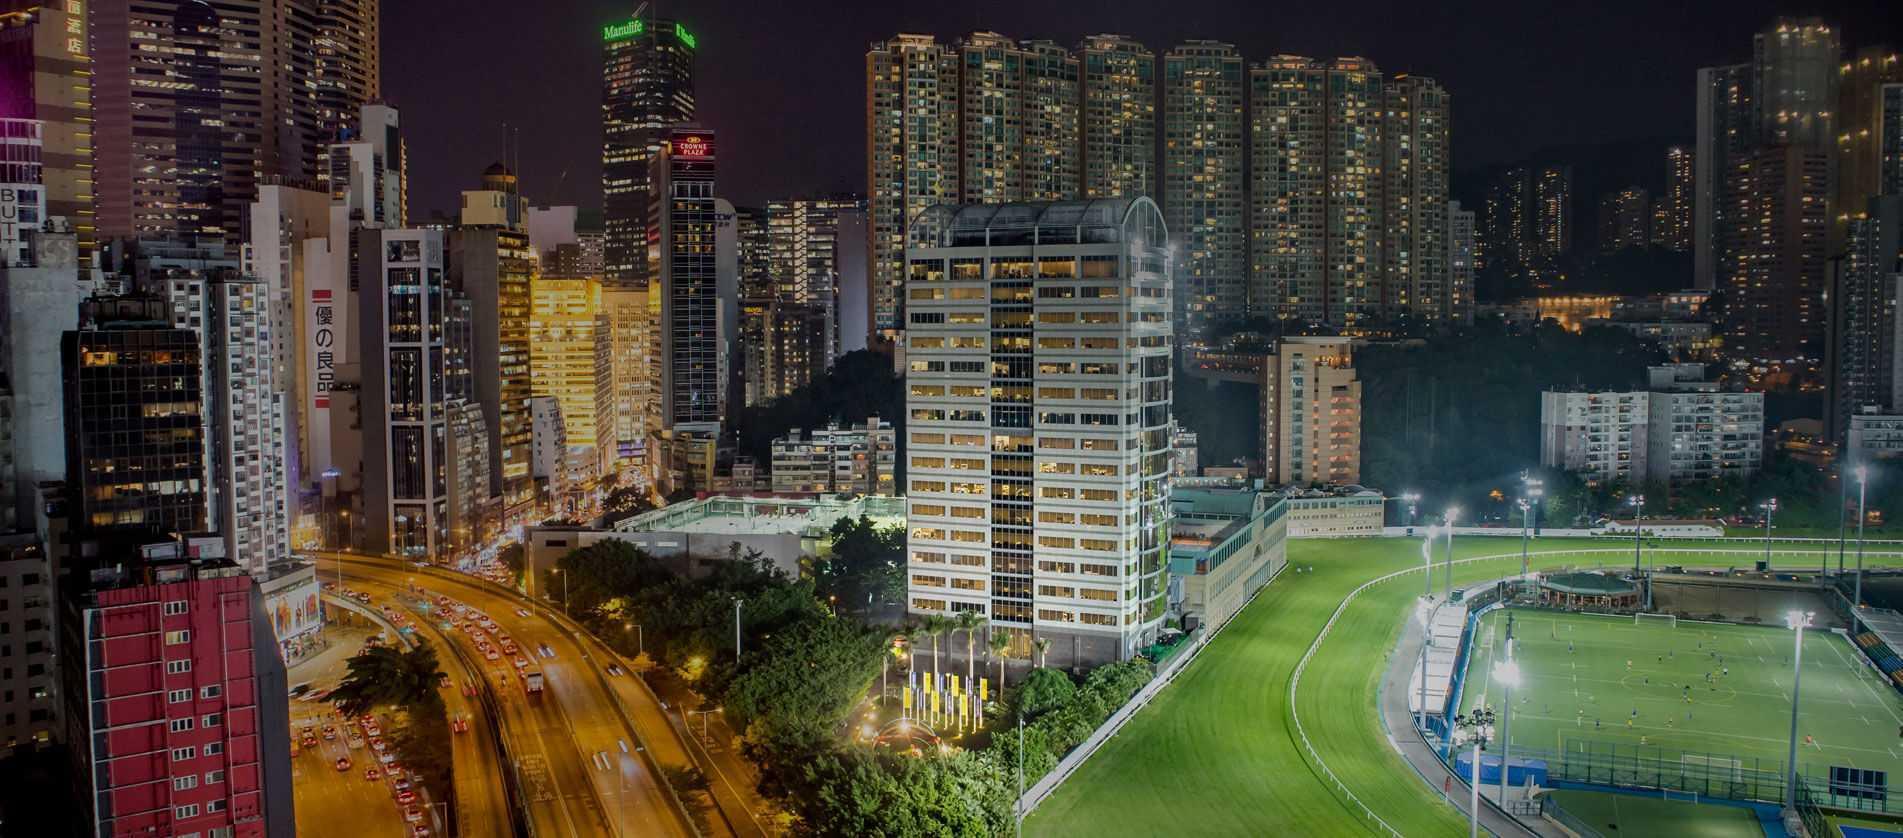 Busy streets at night in Wan Chai Hong Kong